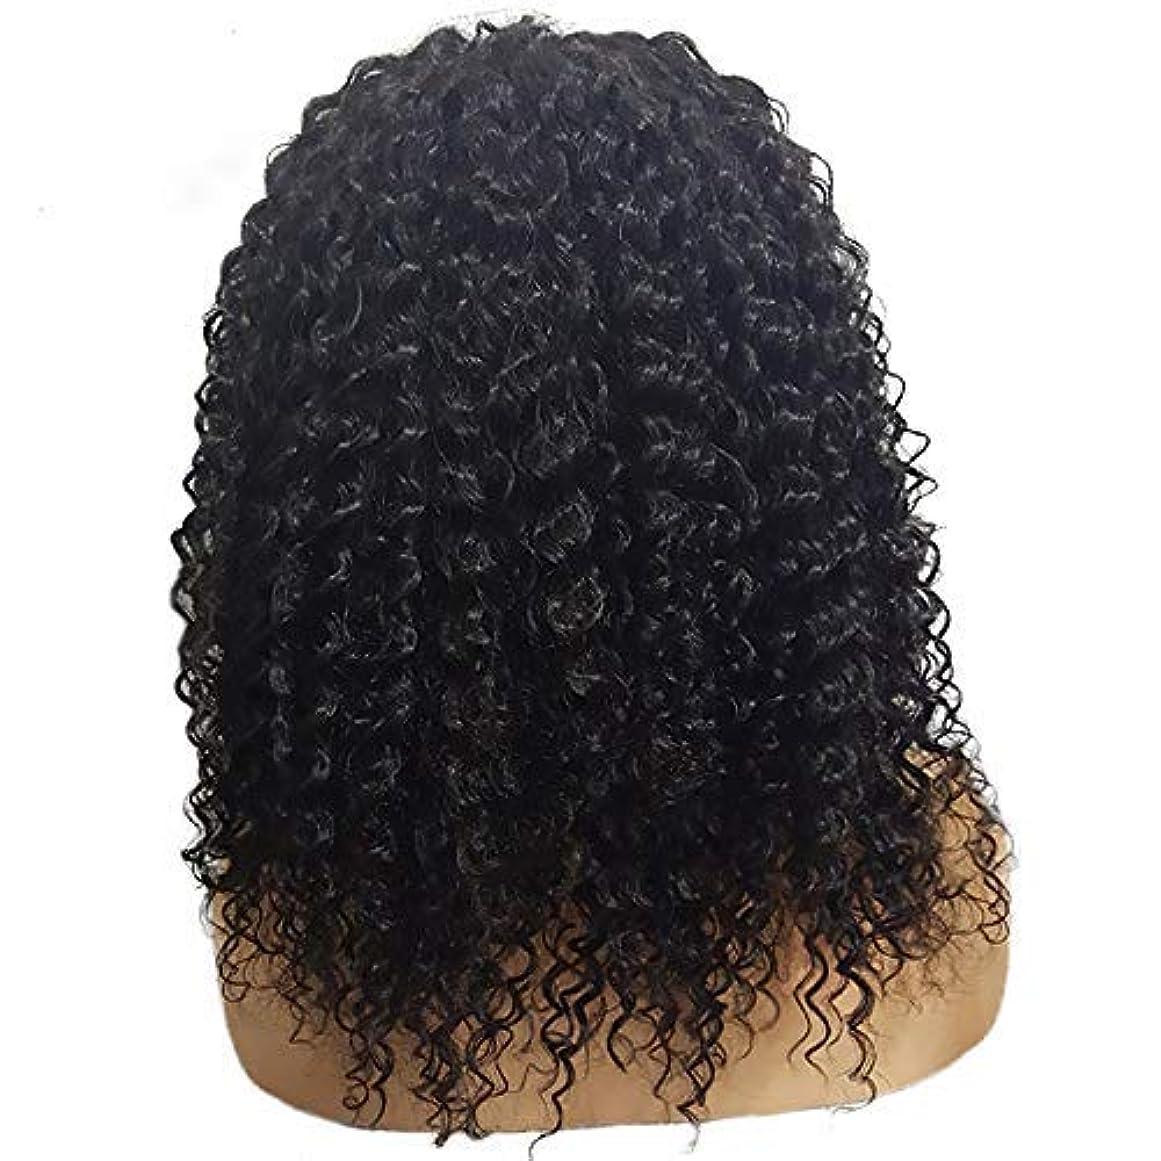 インスタンス高度警戒かつら短い巻き毛のかつらファッション化学繊維かつらフロントレース20インチ